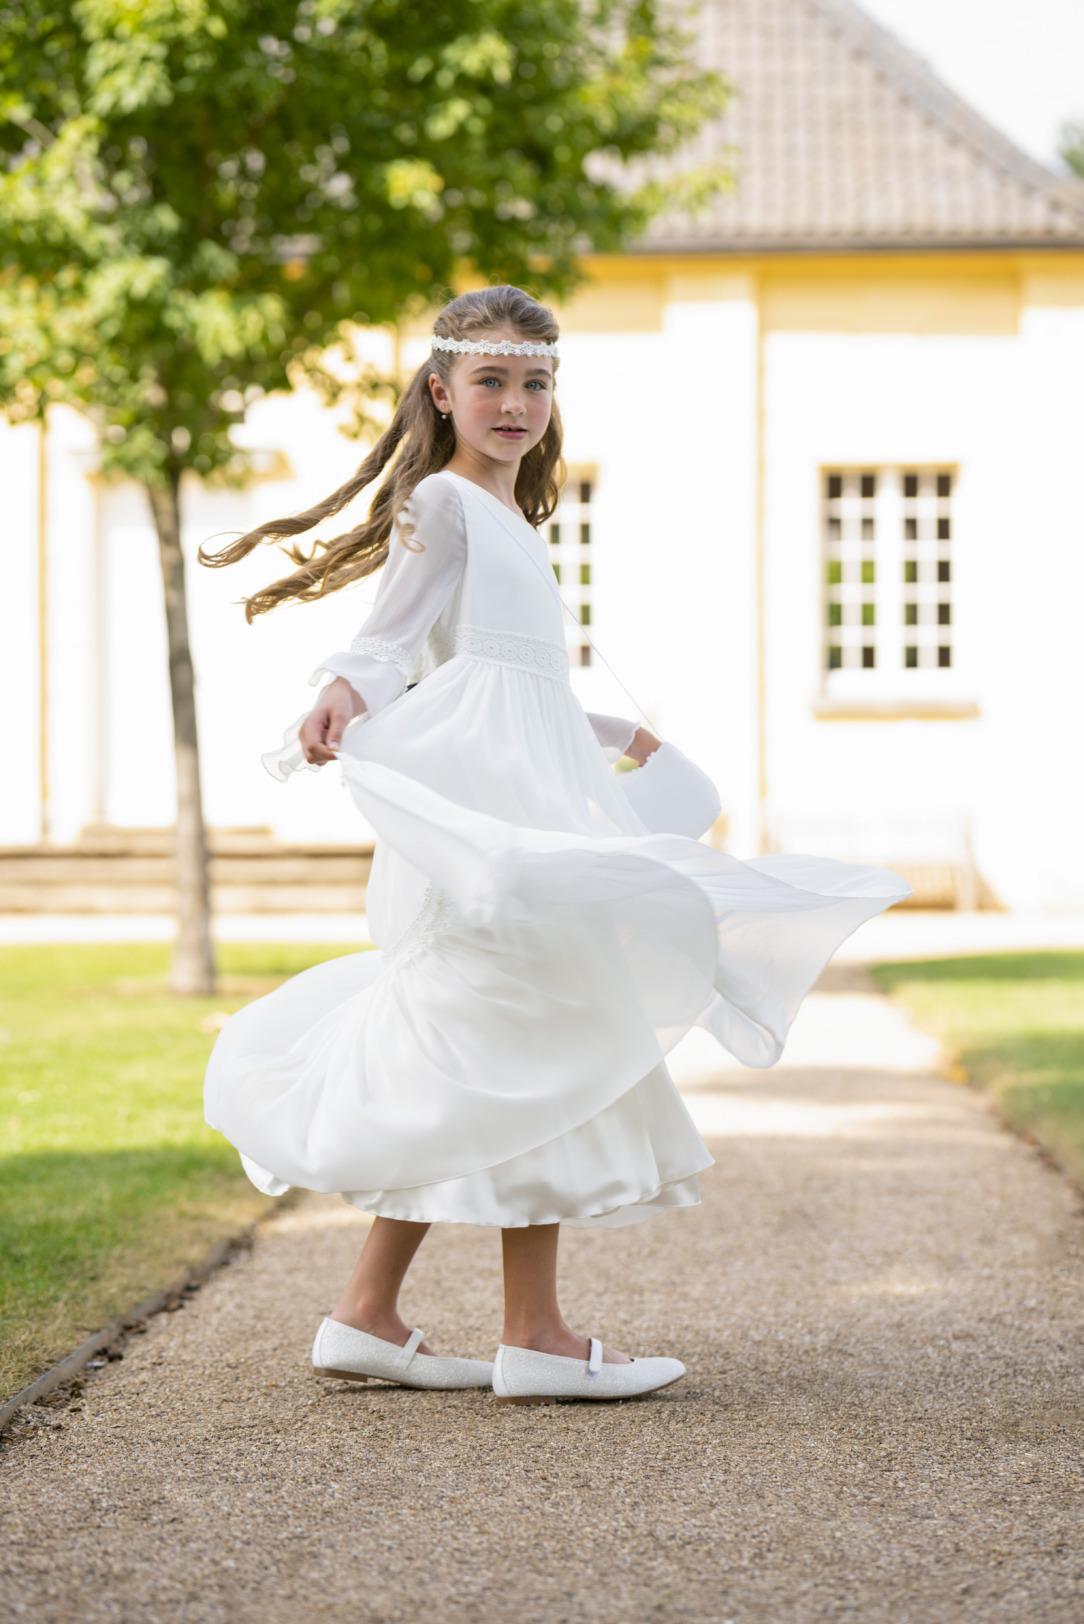 Biancorella Kommunionkleid Vintage  - Modell 520060. Top modern dieses Kleid im Vintage Look! Mit langen Ärmeln vielen süßen Details.